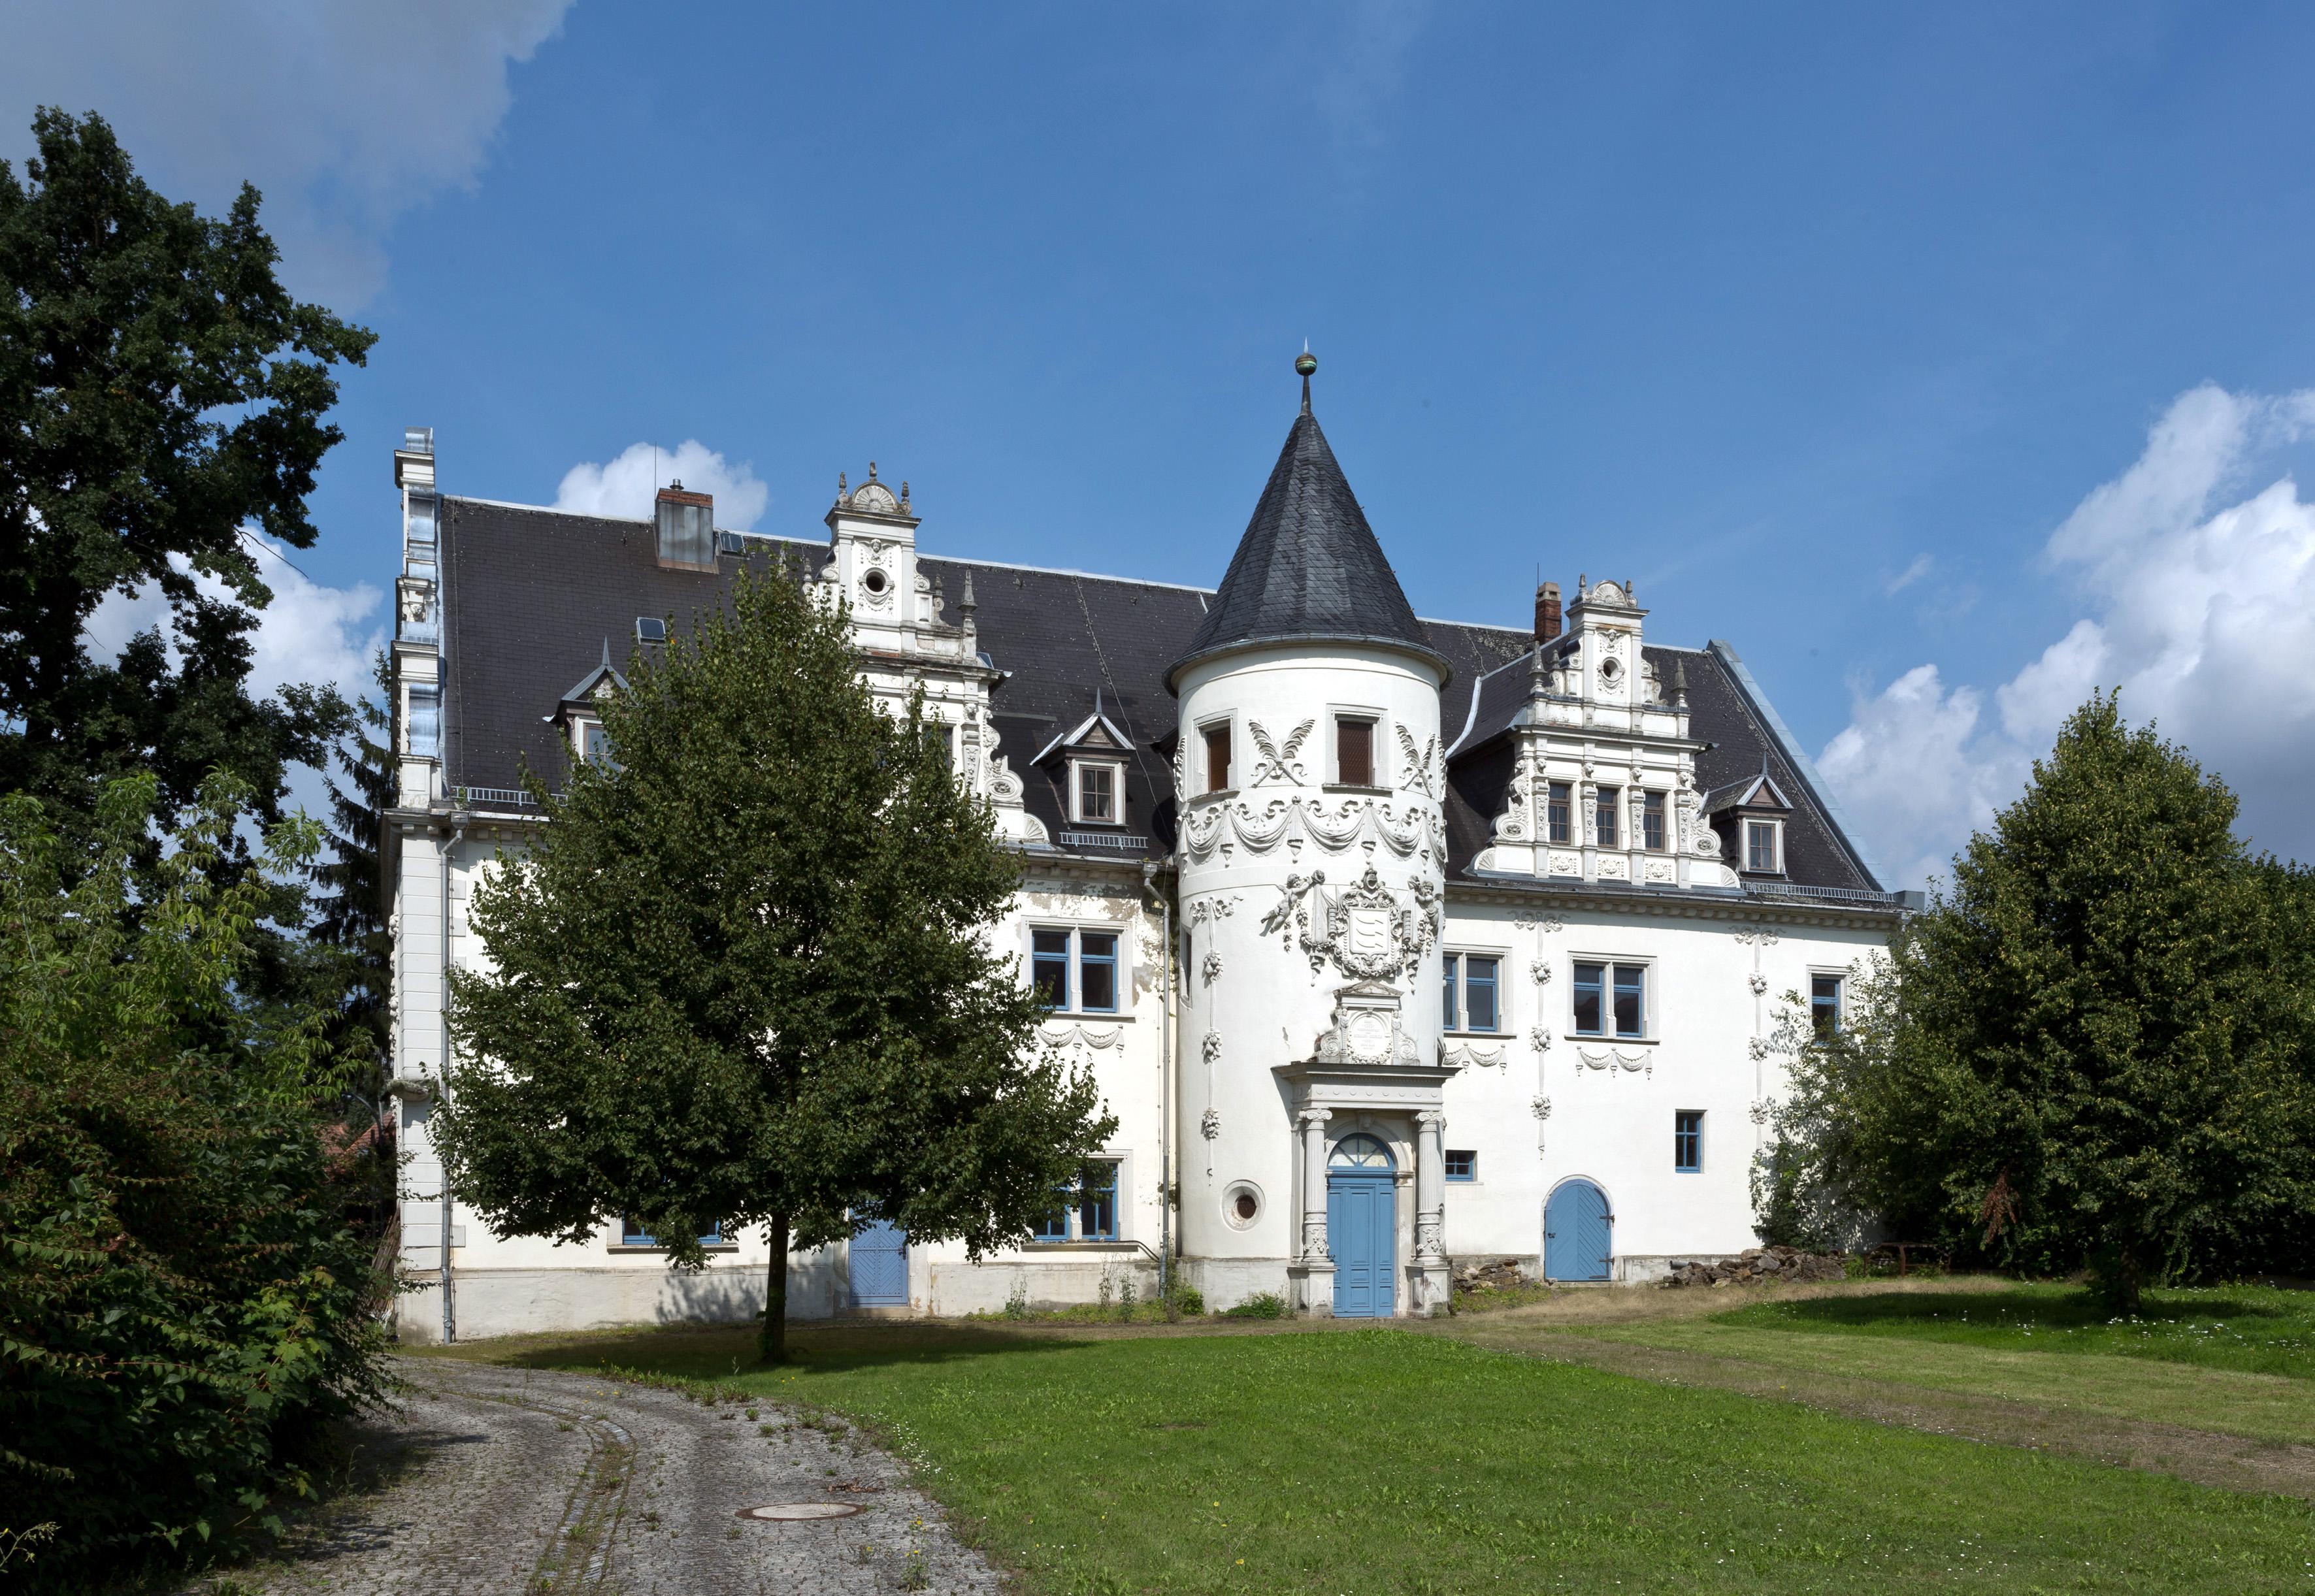 Schloss mit Turm, Verzierungen und blauen Türen, davor Wiese und zwei Bäume.